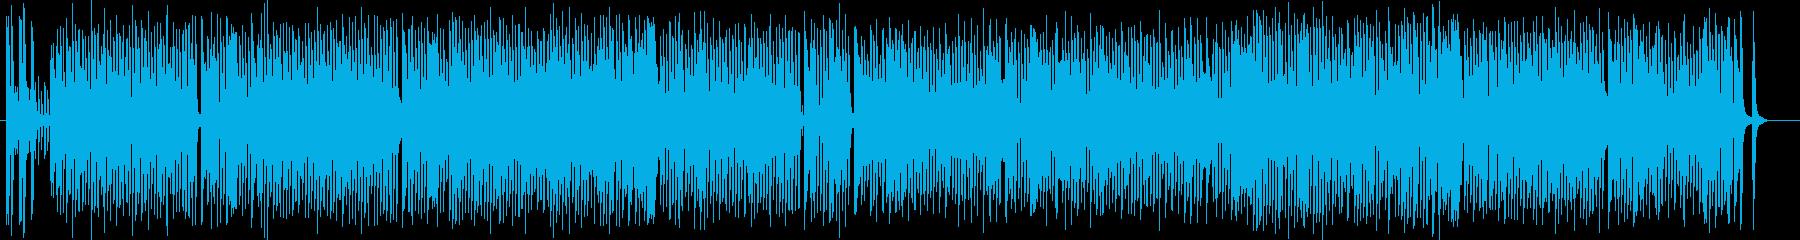 コミカルな雰囲気のポップスの再生済みの波形